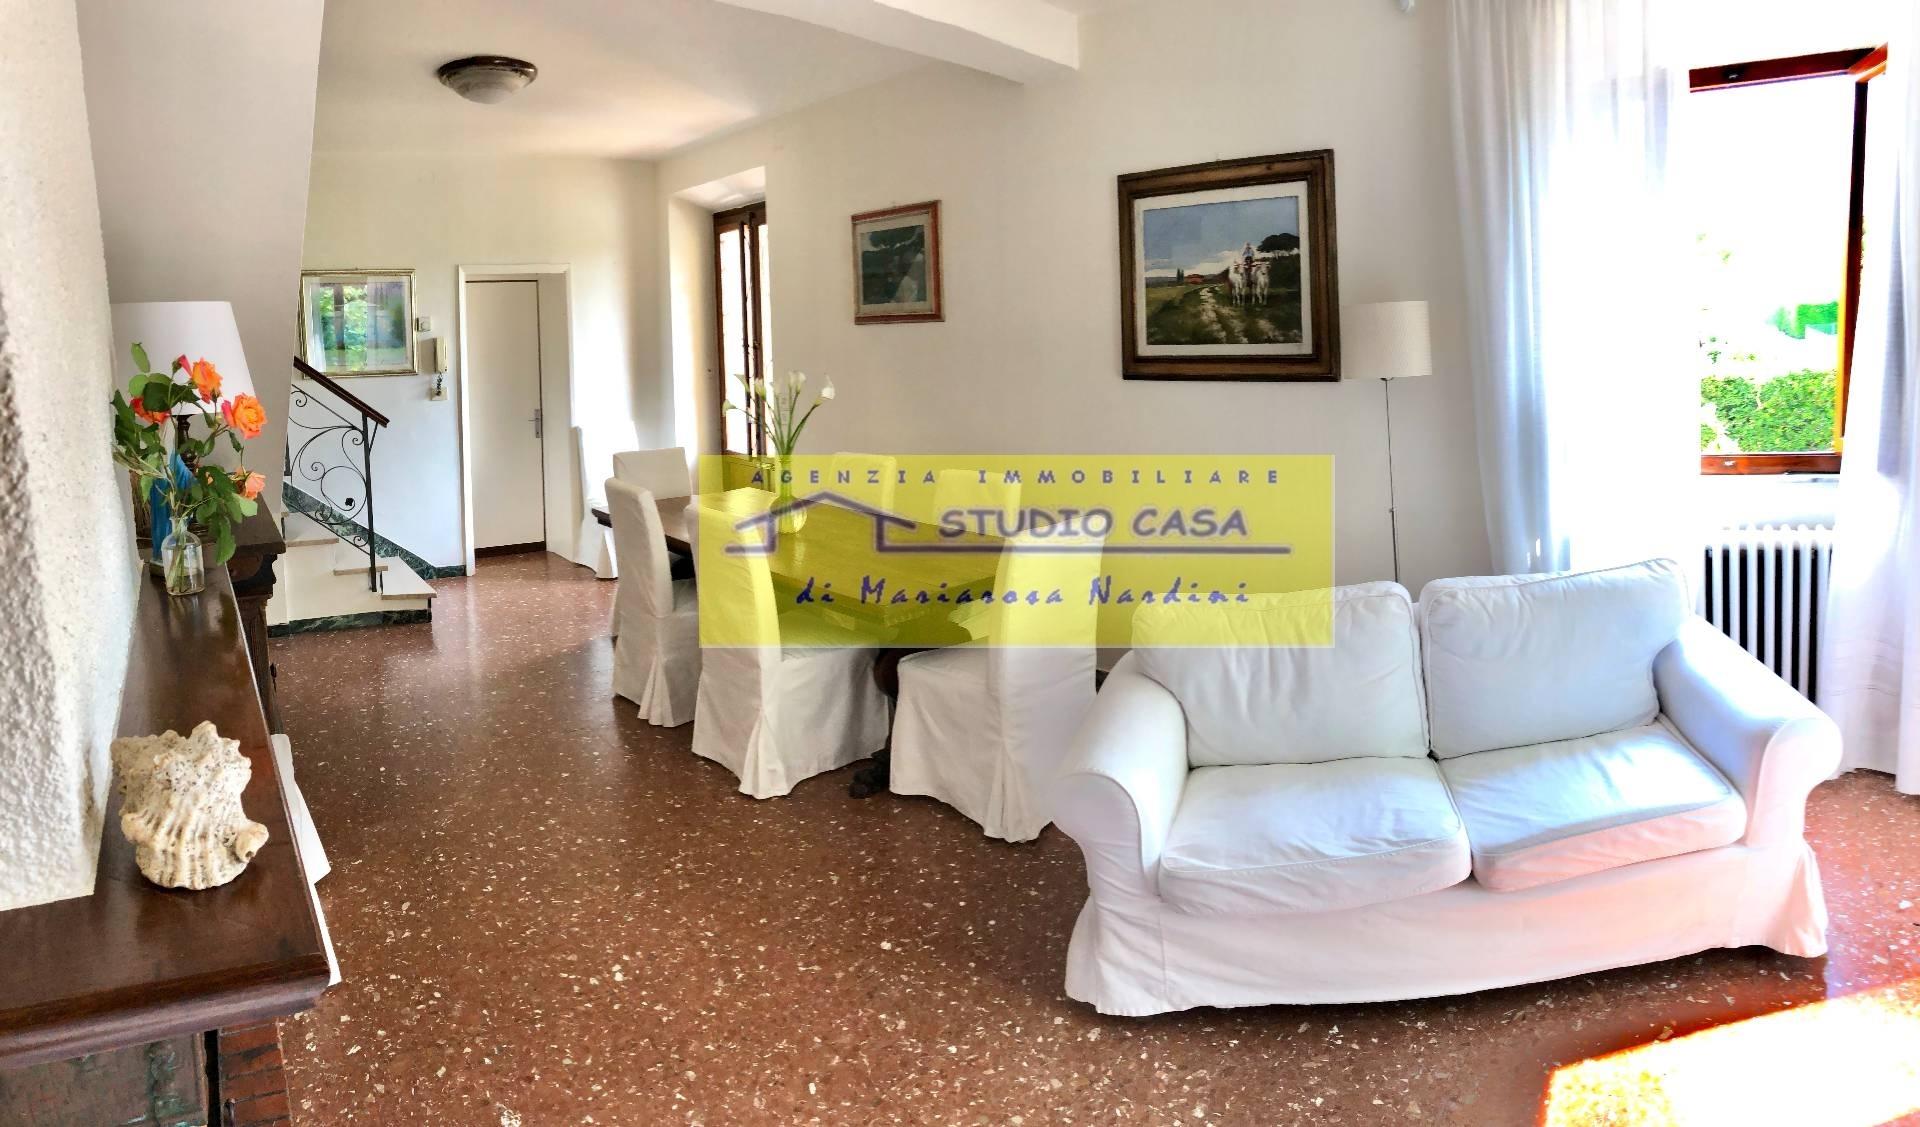 Appartamento In Affitto Stagionale A Forte Dei Marmi Cod 2381